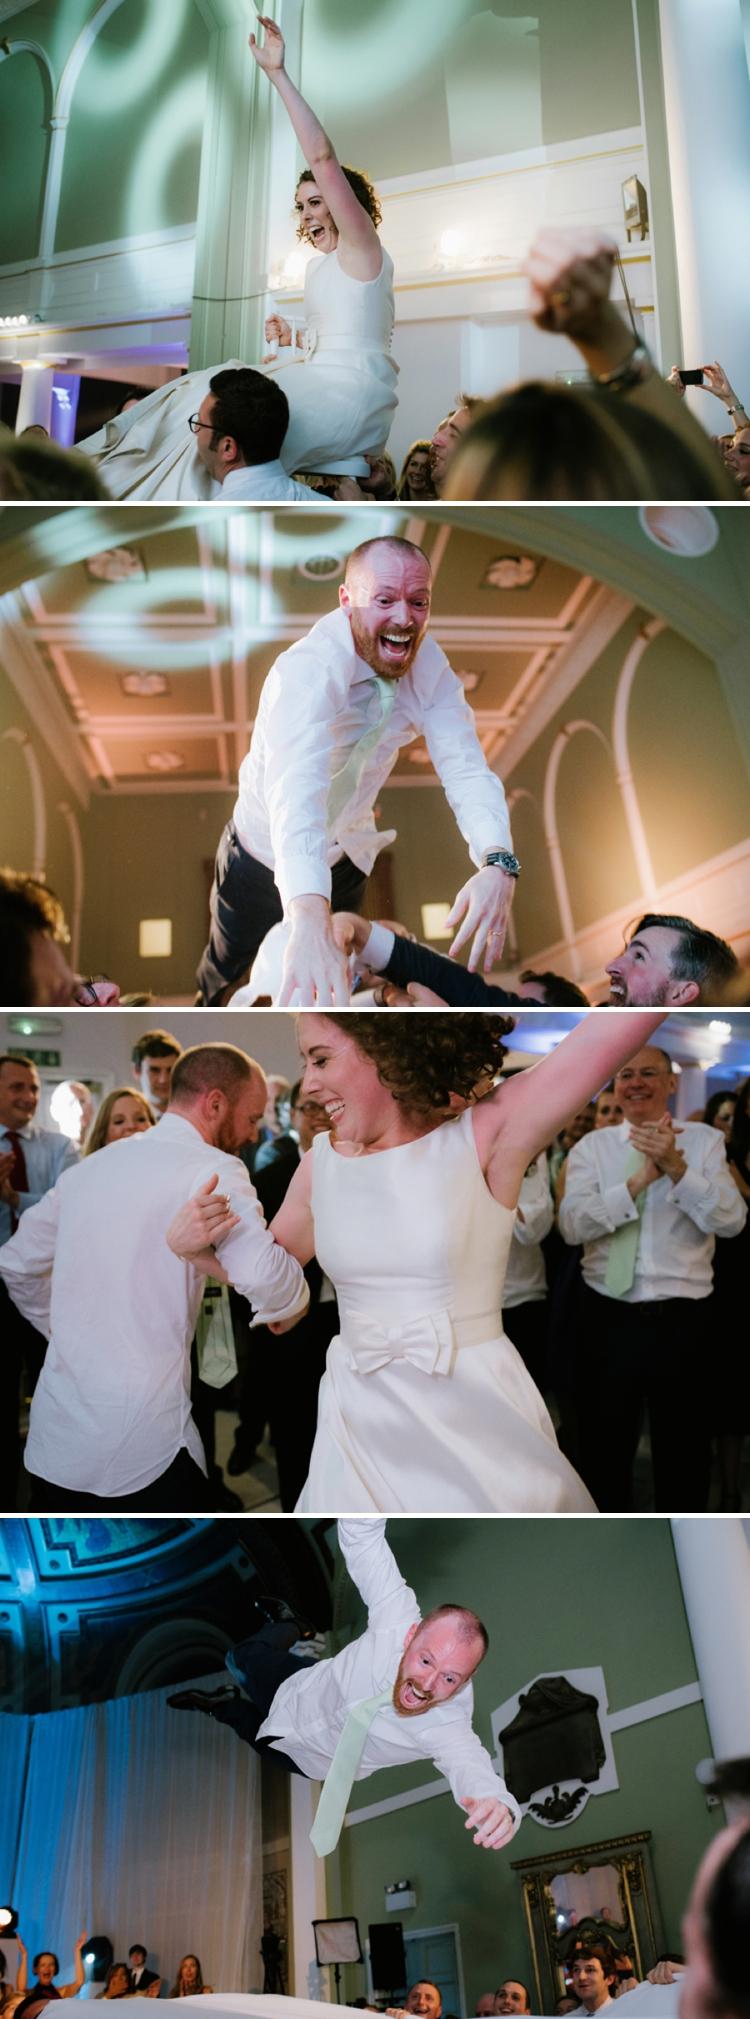 Israeli dancing wedding 2